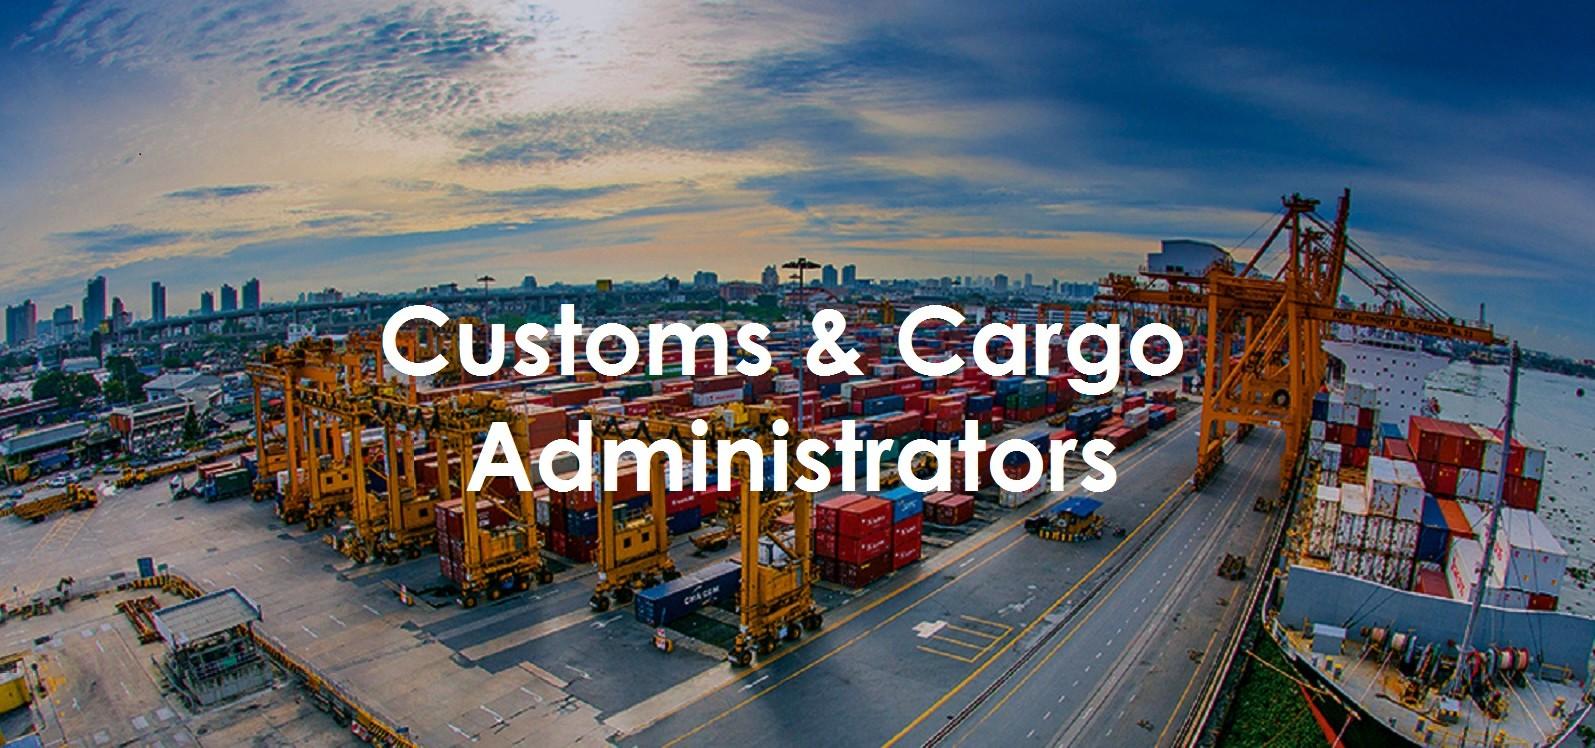 Customs & Cargo Administrators